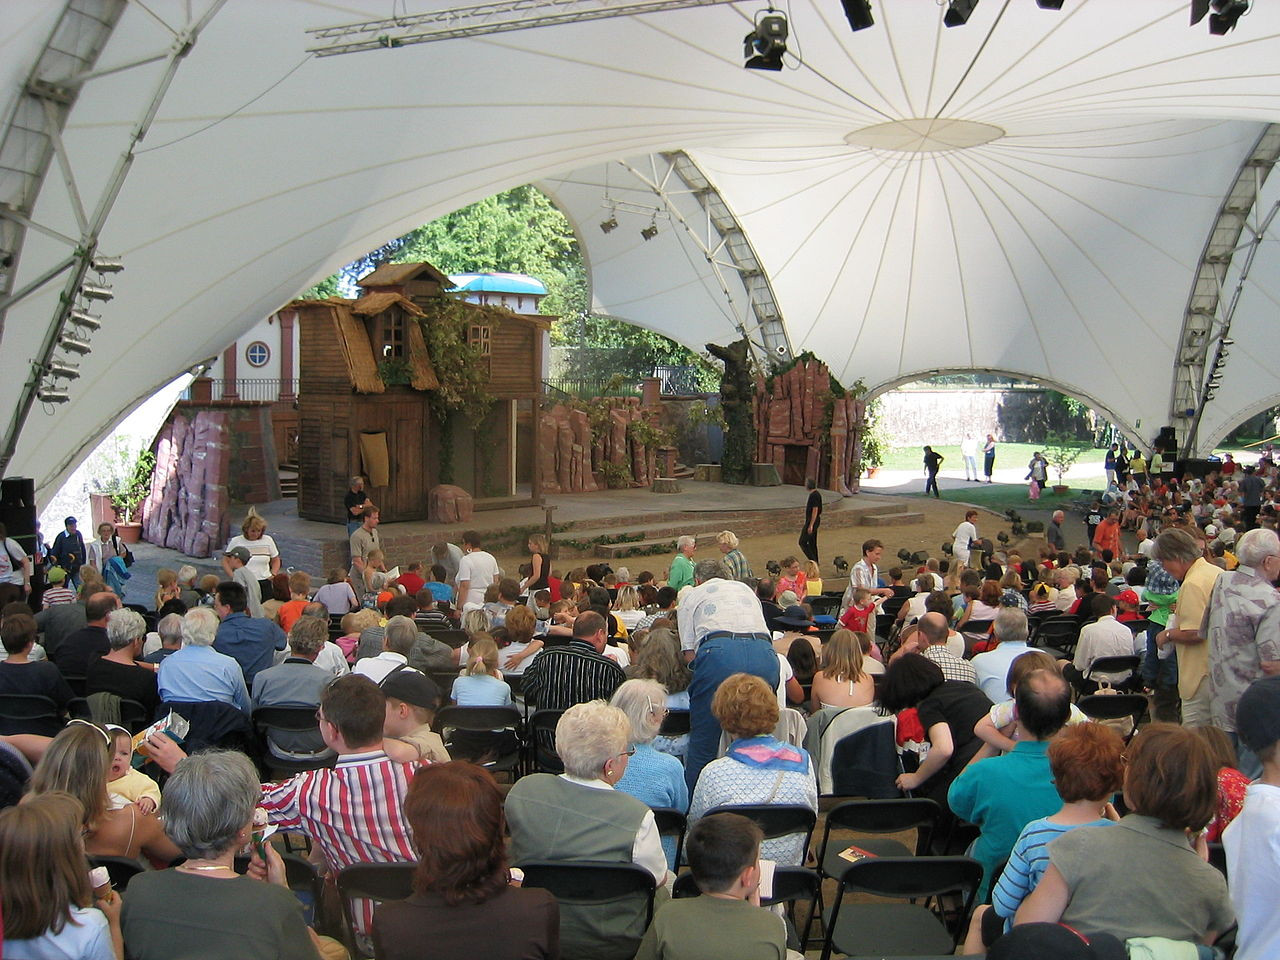 Bild Brüder Grimm Märchenfestspiele Hanau